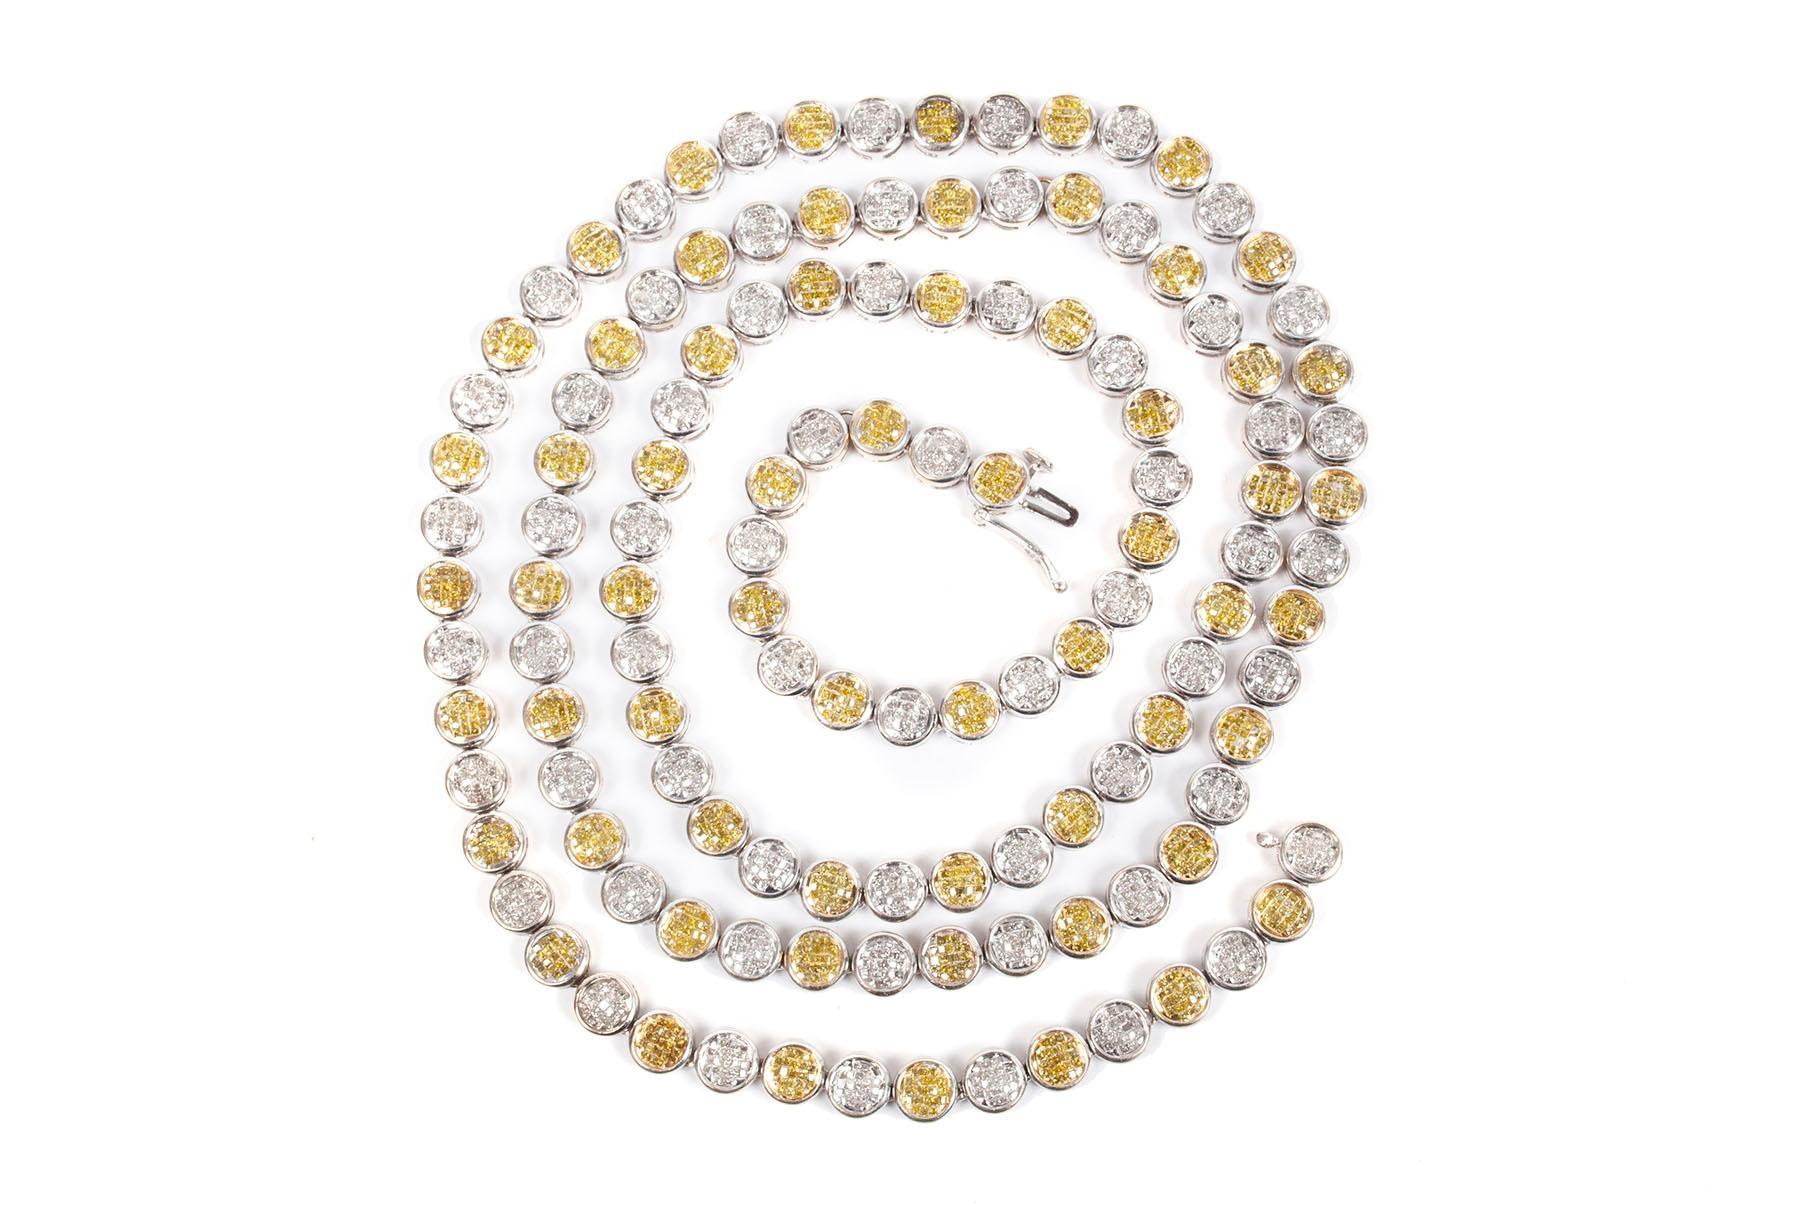 A 21 CARAT DIAMOND NECKLACE